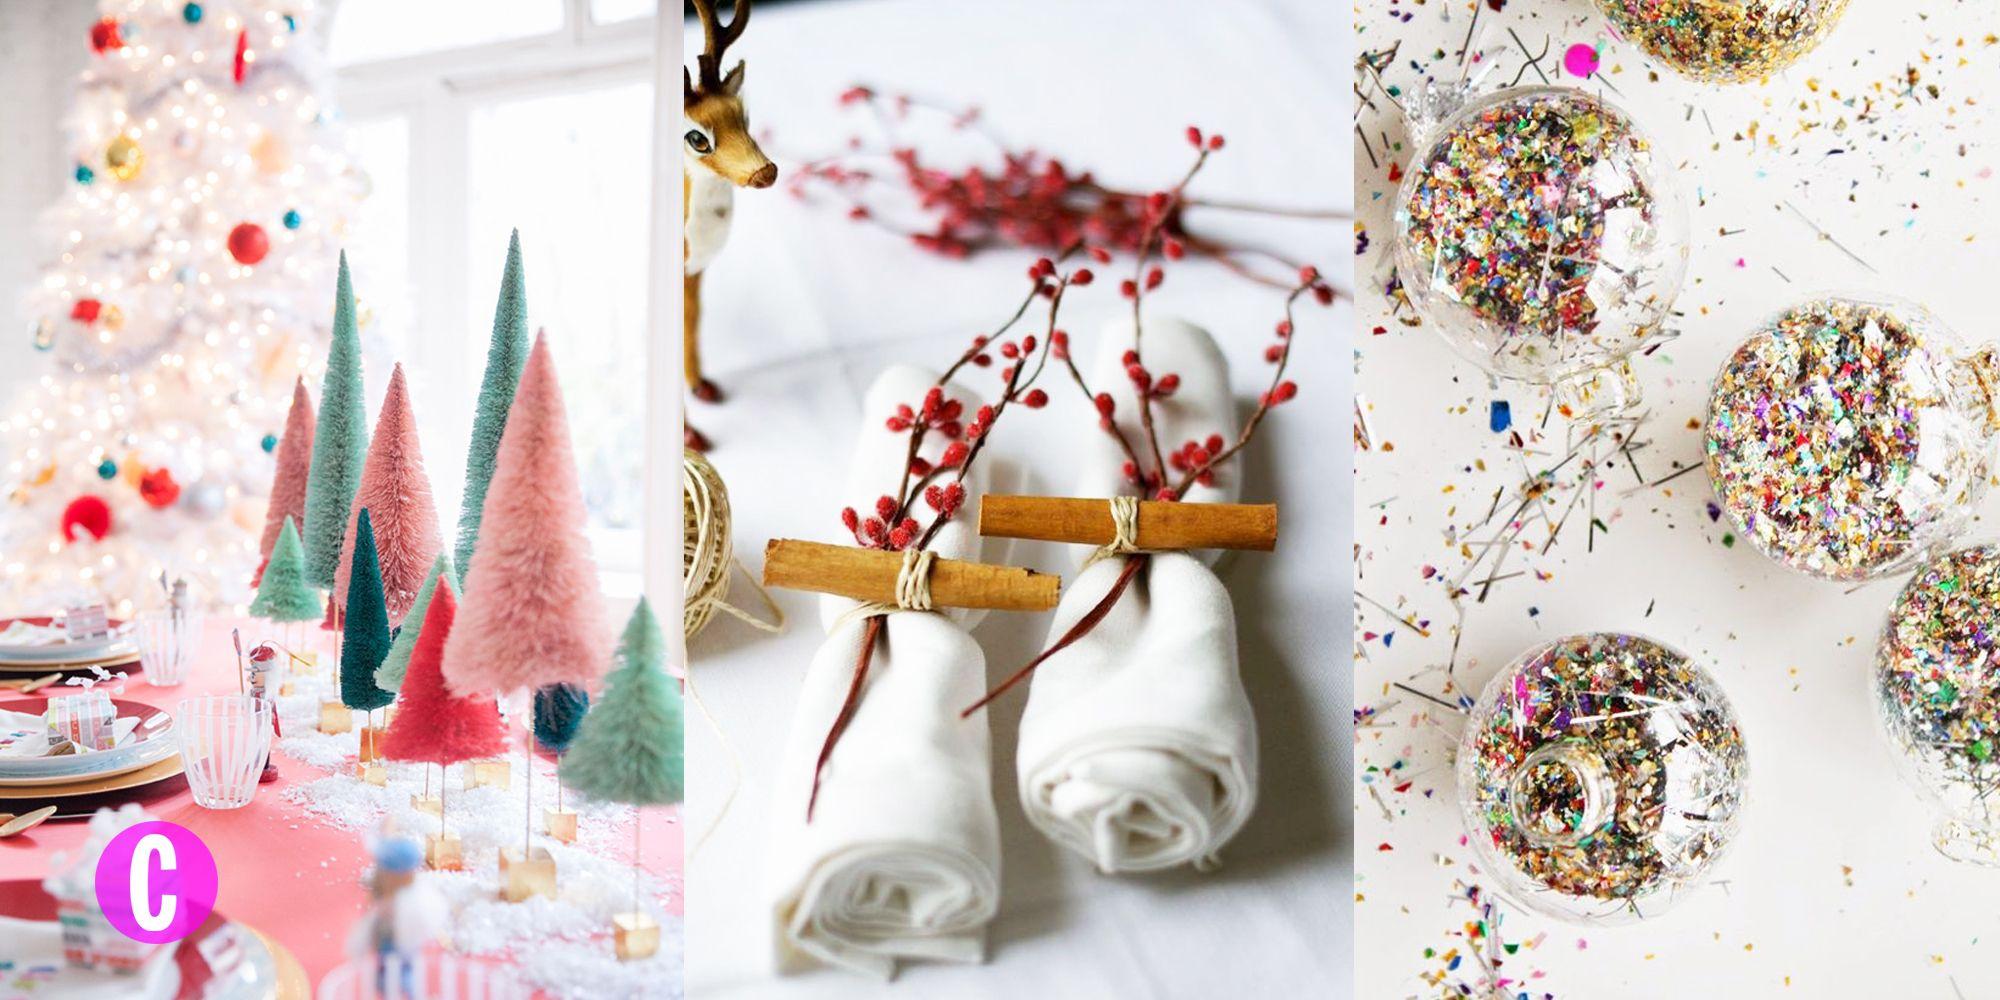 Se a cucinare ci pensa il resto della family, prendi in carico l'allestimento della tavola di Natale con le idee e decorazioni DIY.